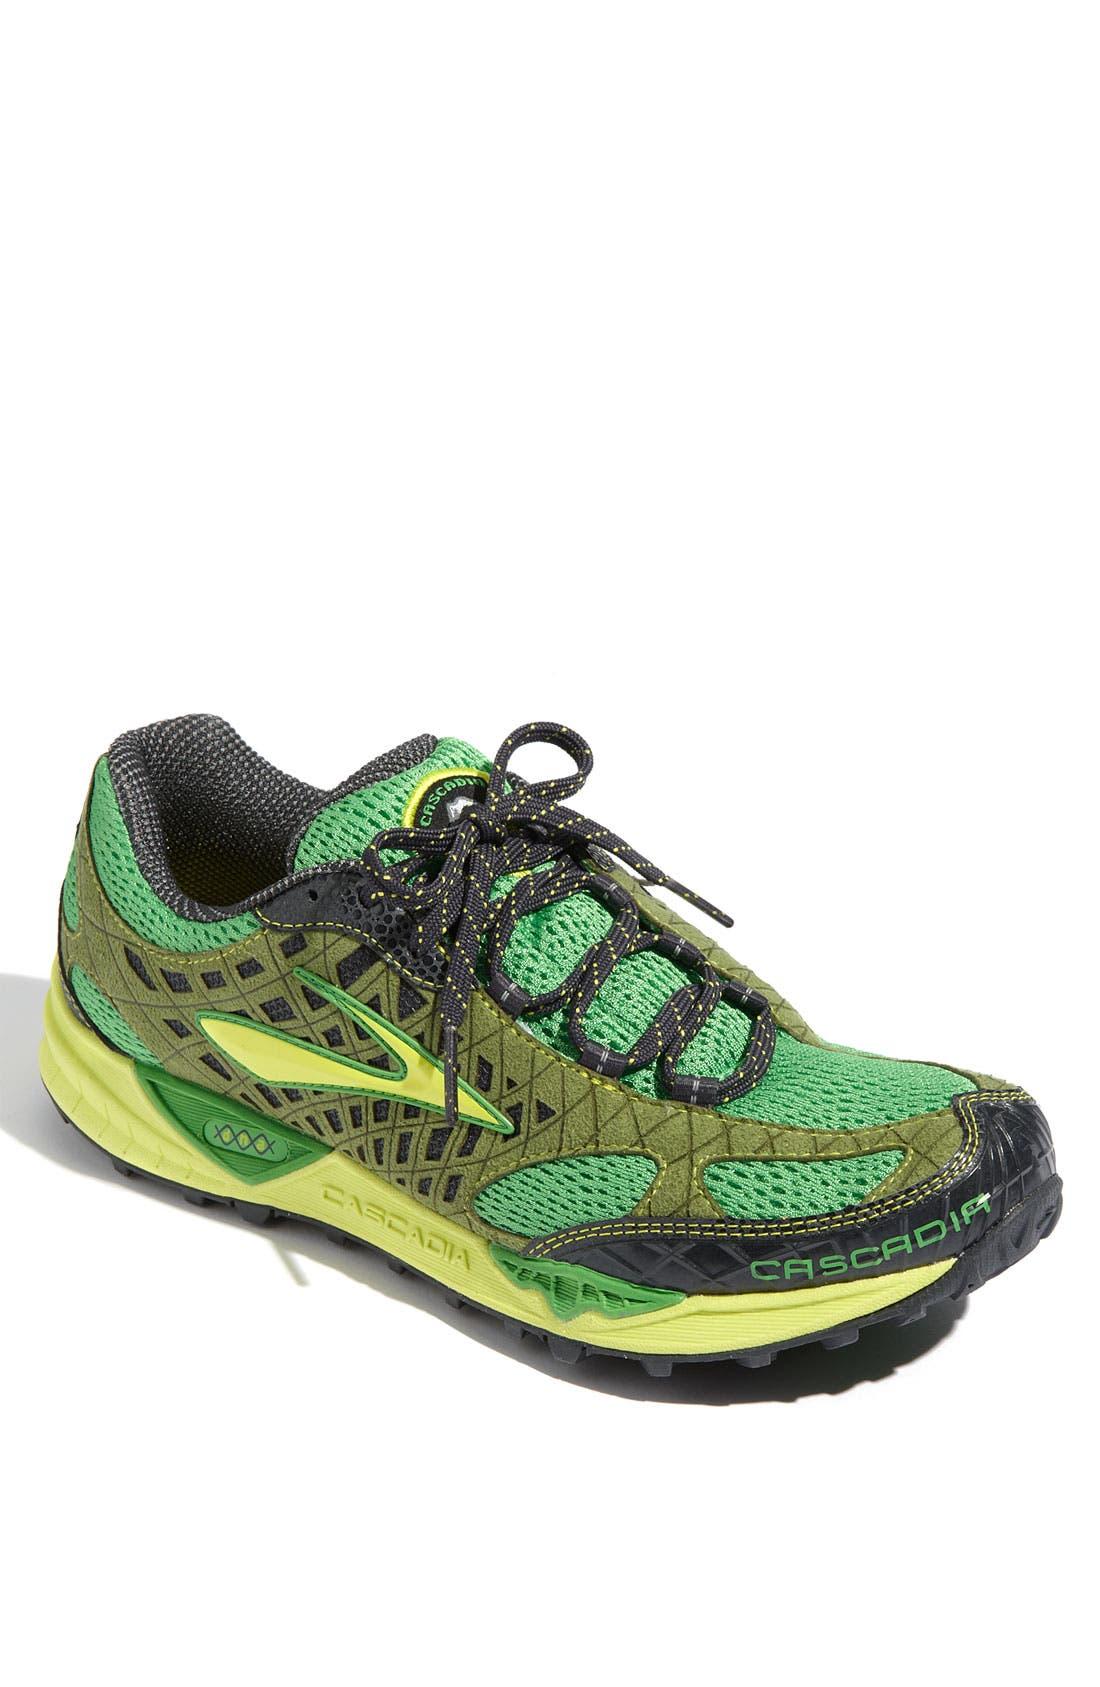 Alternate Image 1 Selected - Brooks 'Cascadia 7' Trail Running Shoe (Men)